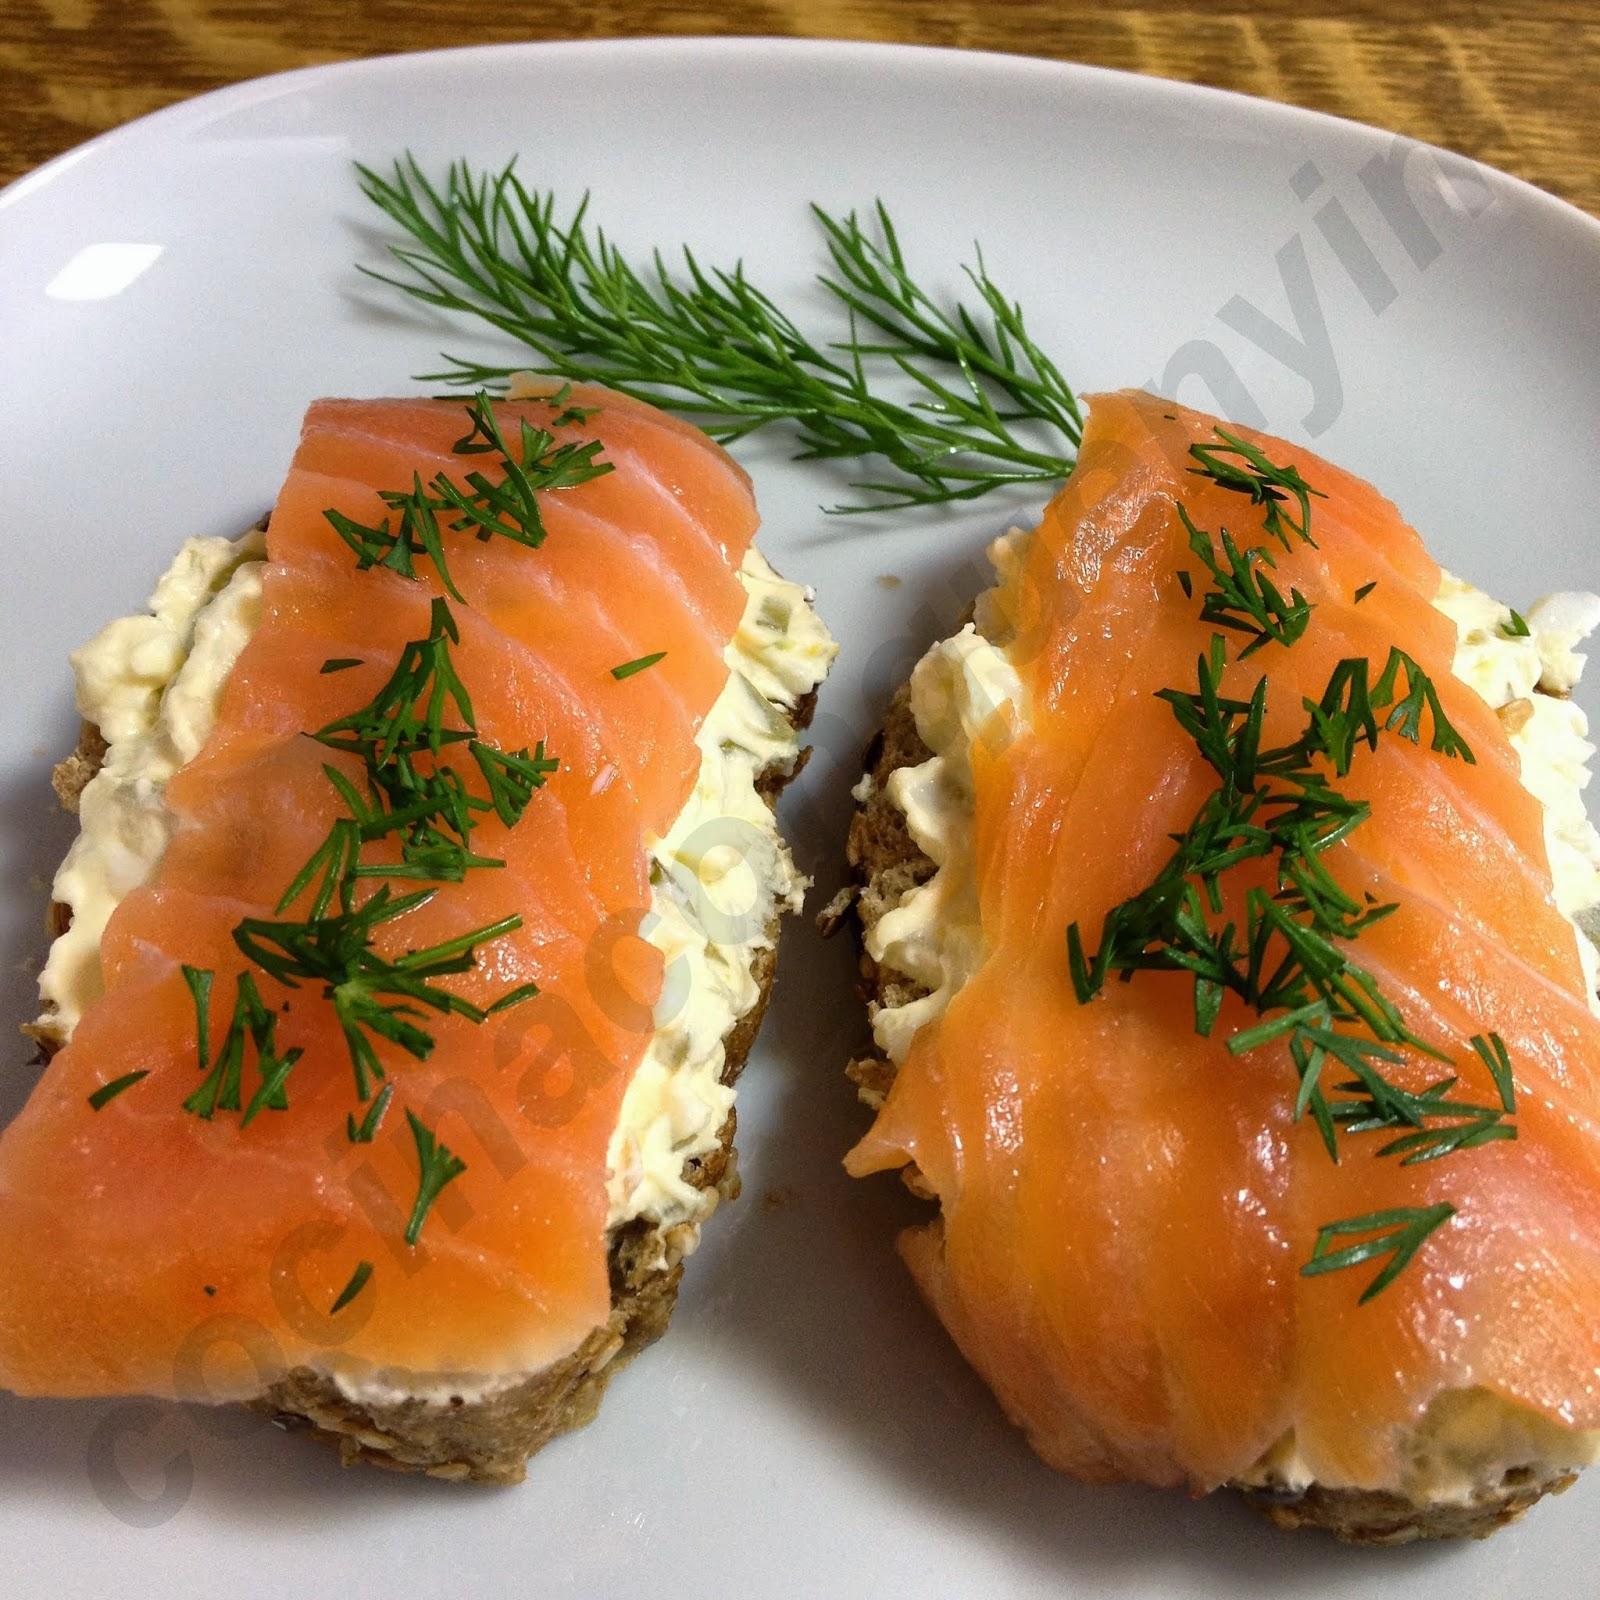 Cocina con quenyin montadito de salm n ahumado con queso - Tapas con salmon ahumado ...